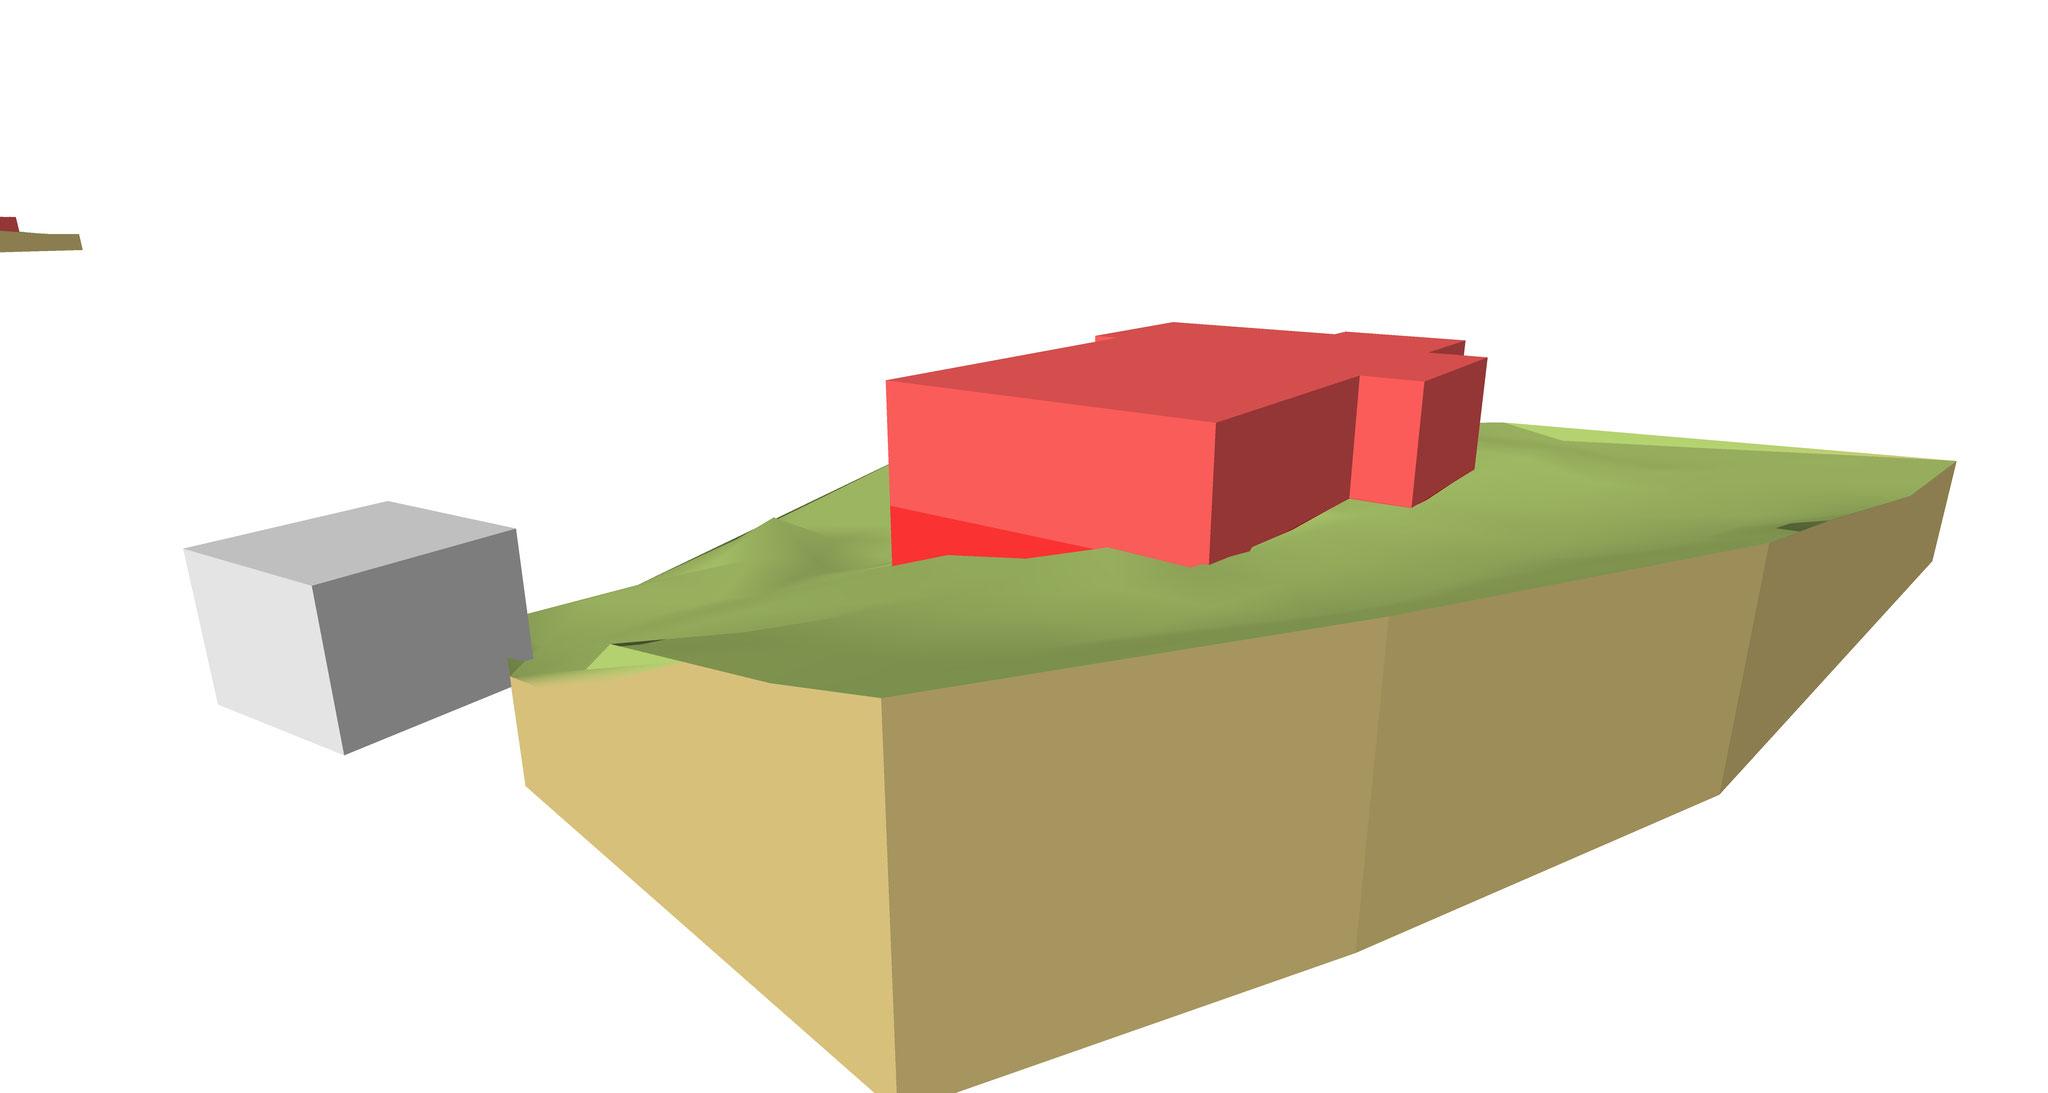 Visualisierung zur Positionierung eines Gebäudes - Ansicht 3